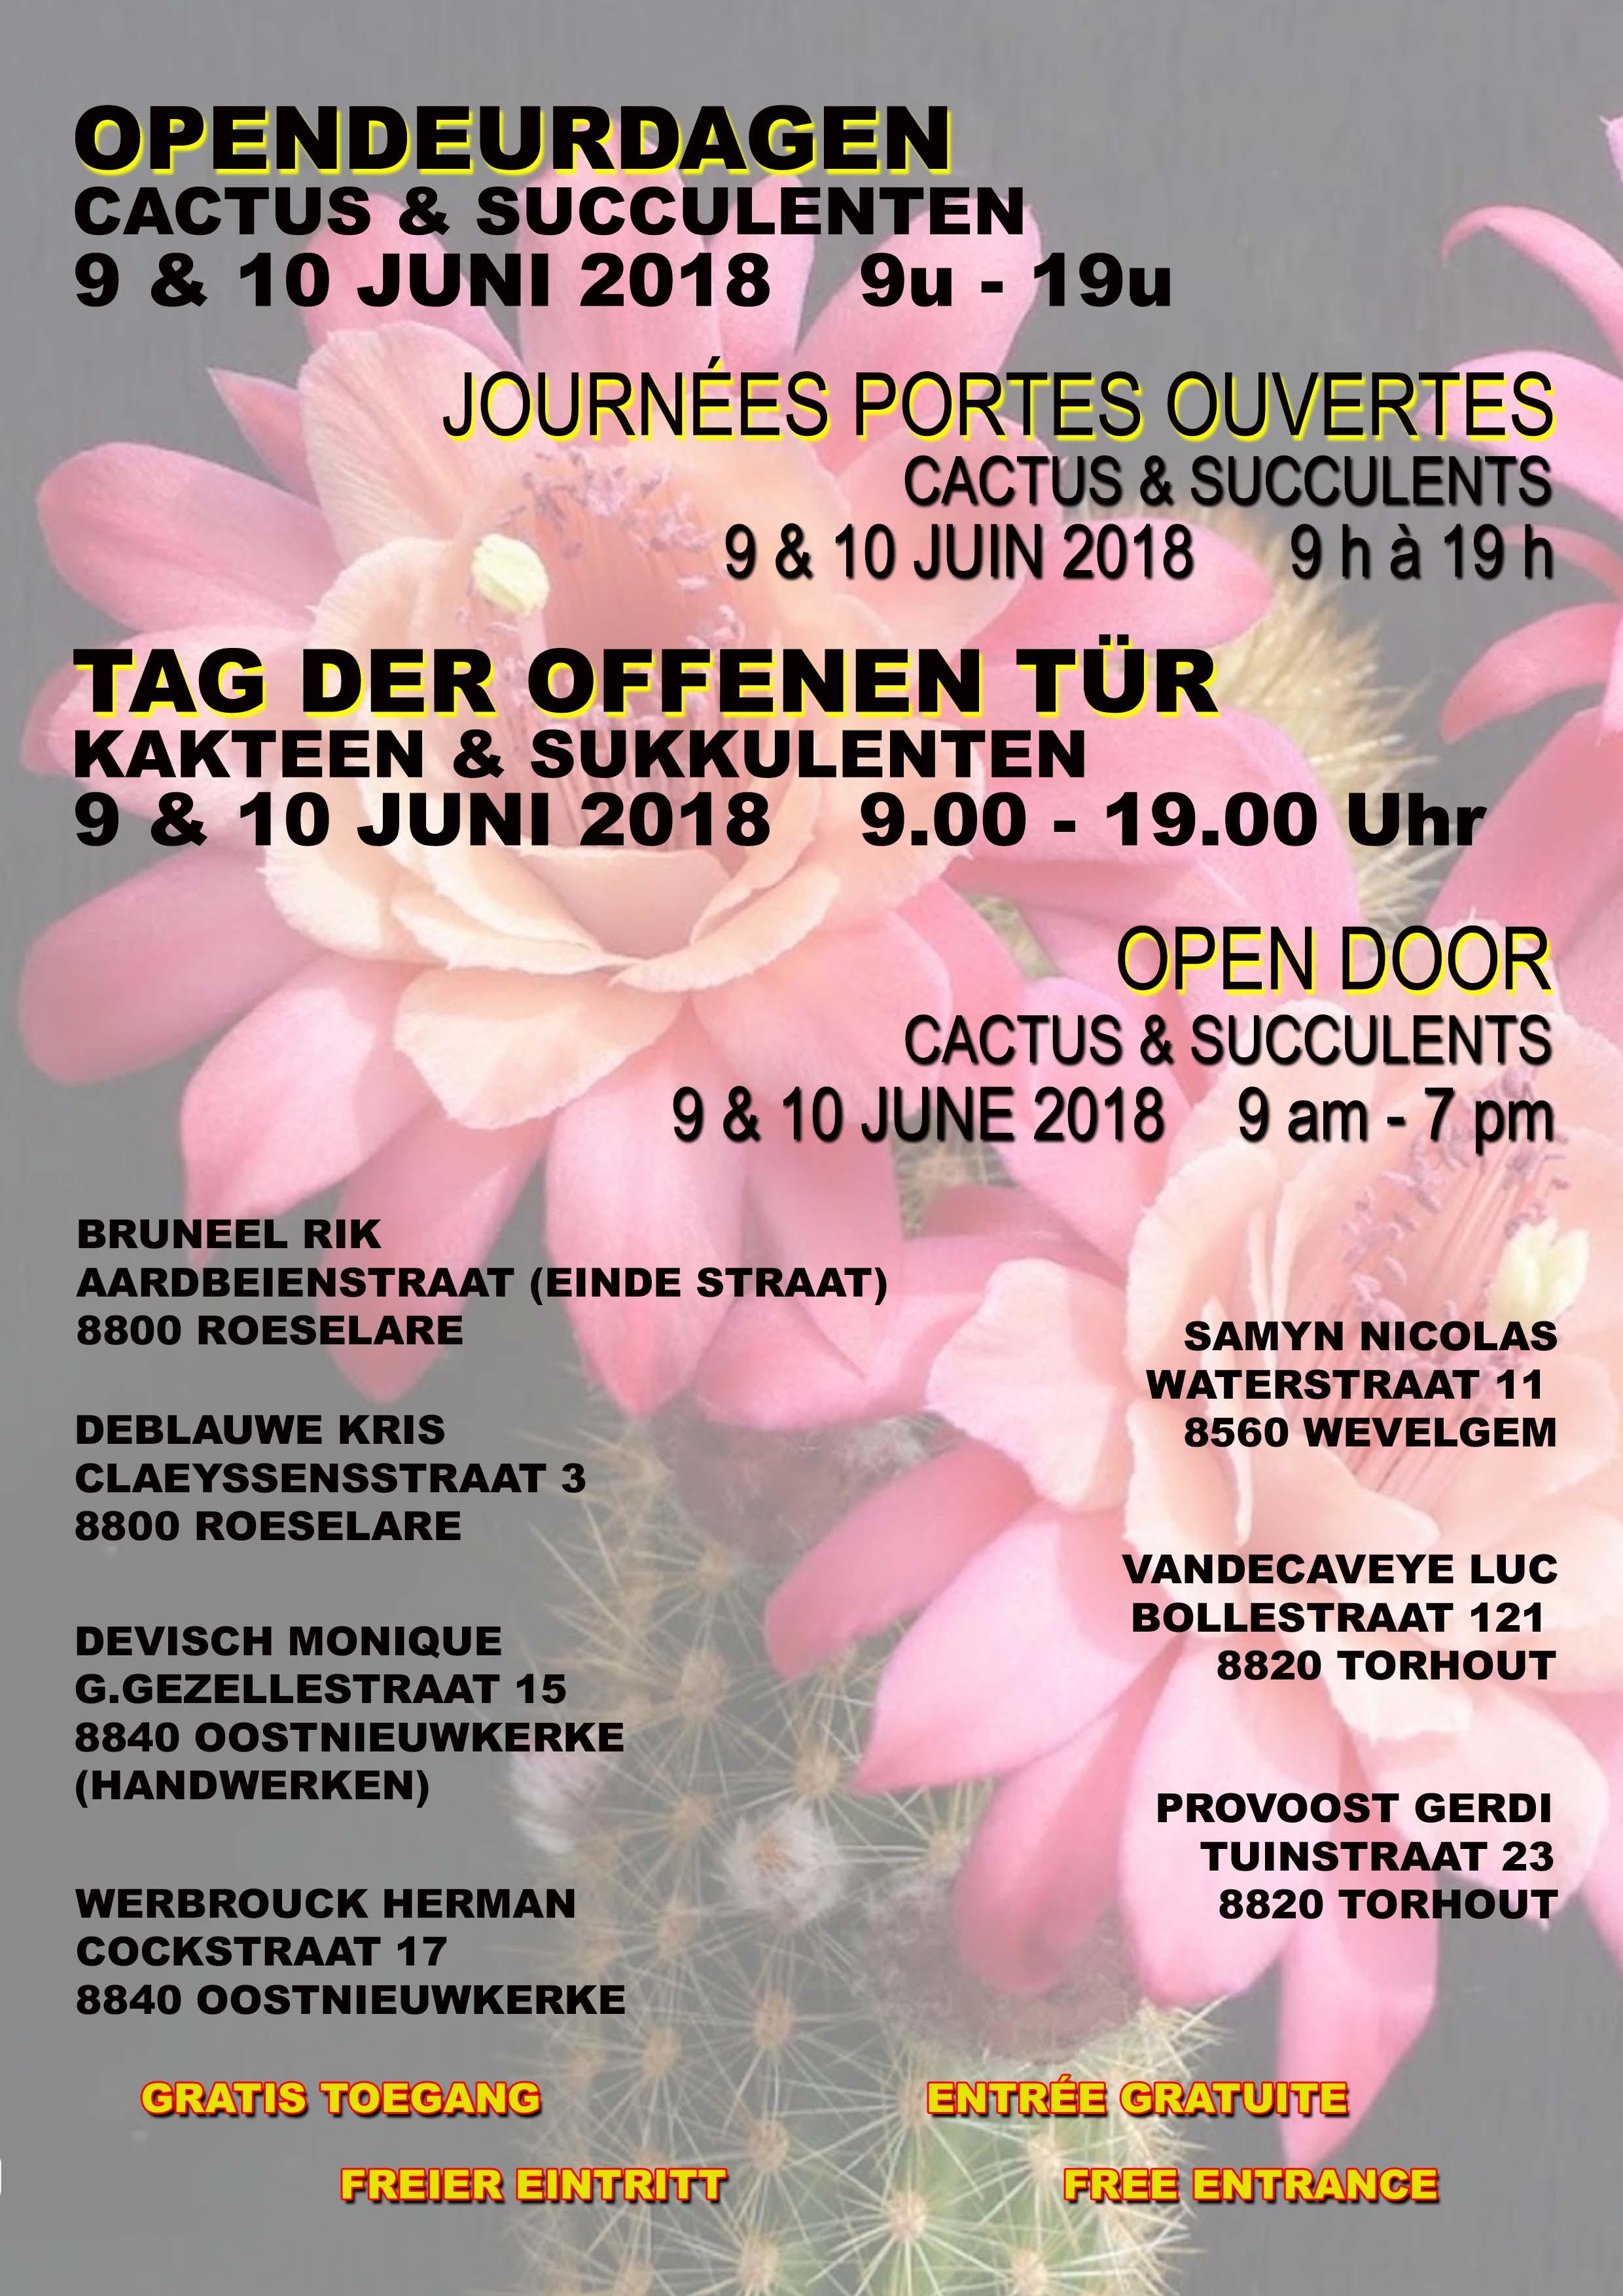 9 En 10 Juni: Opendeurdagen Omgeving Roeselare (België)